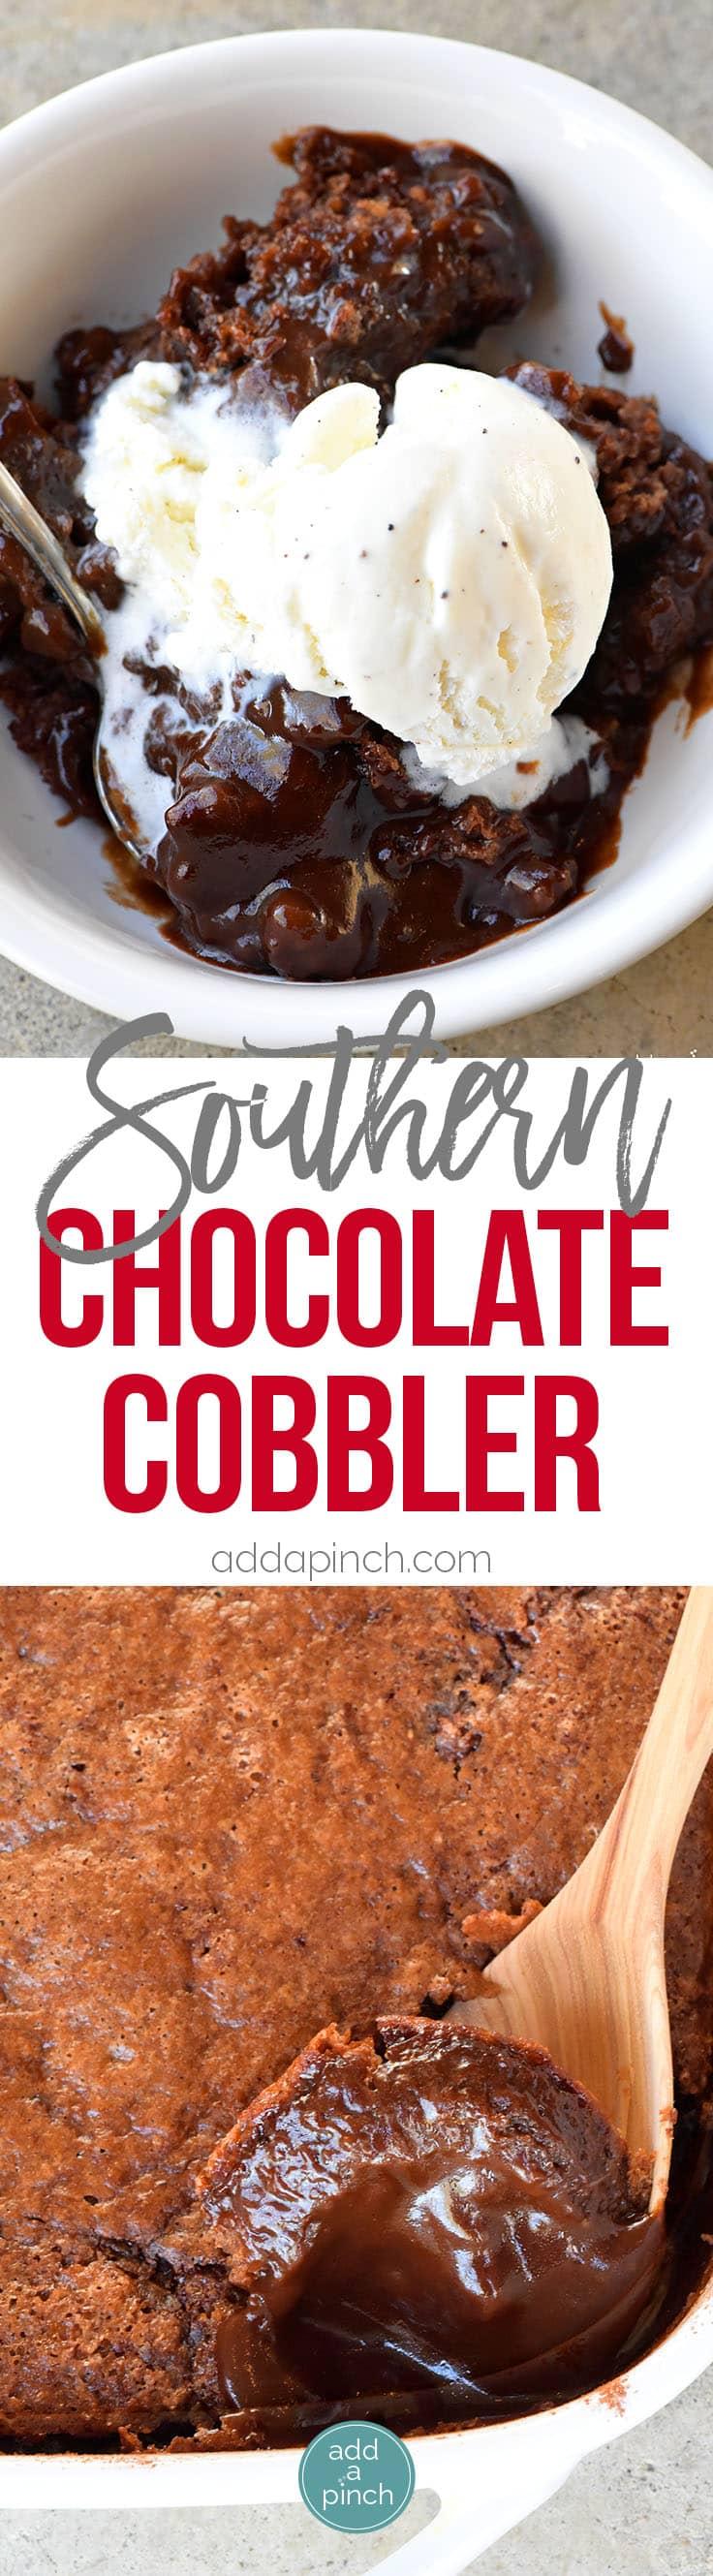 Southern Chocolate Cobbler Recipe - Add a Pinch